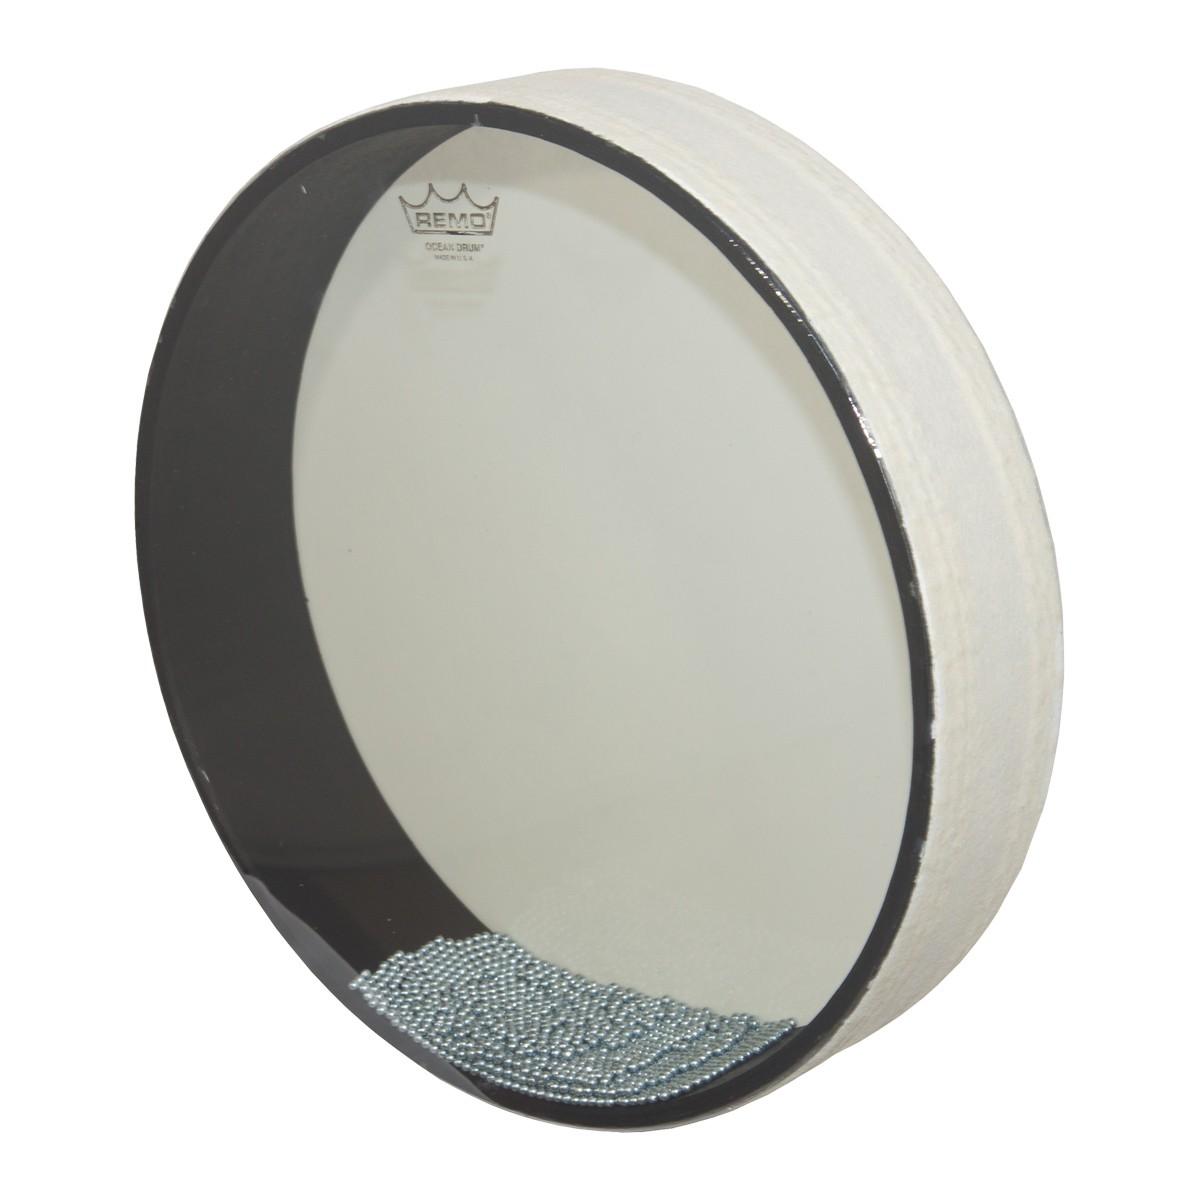 Remo Ocean Drum 12'x2.5'